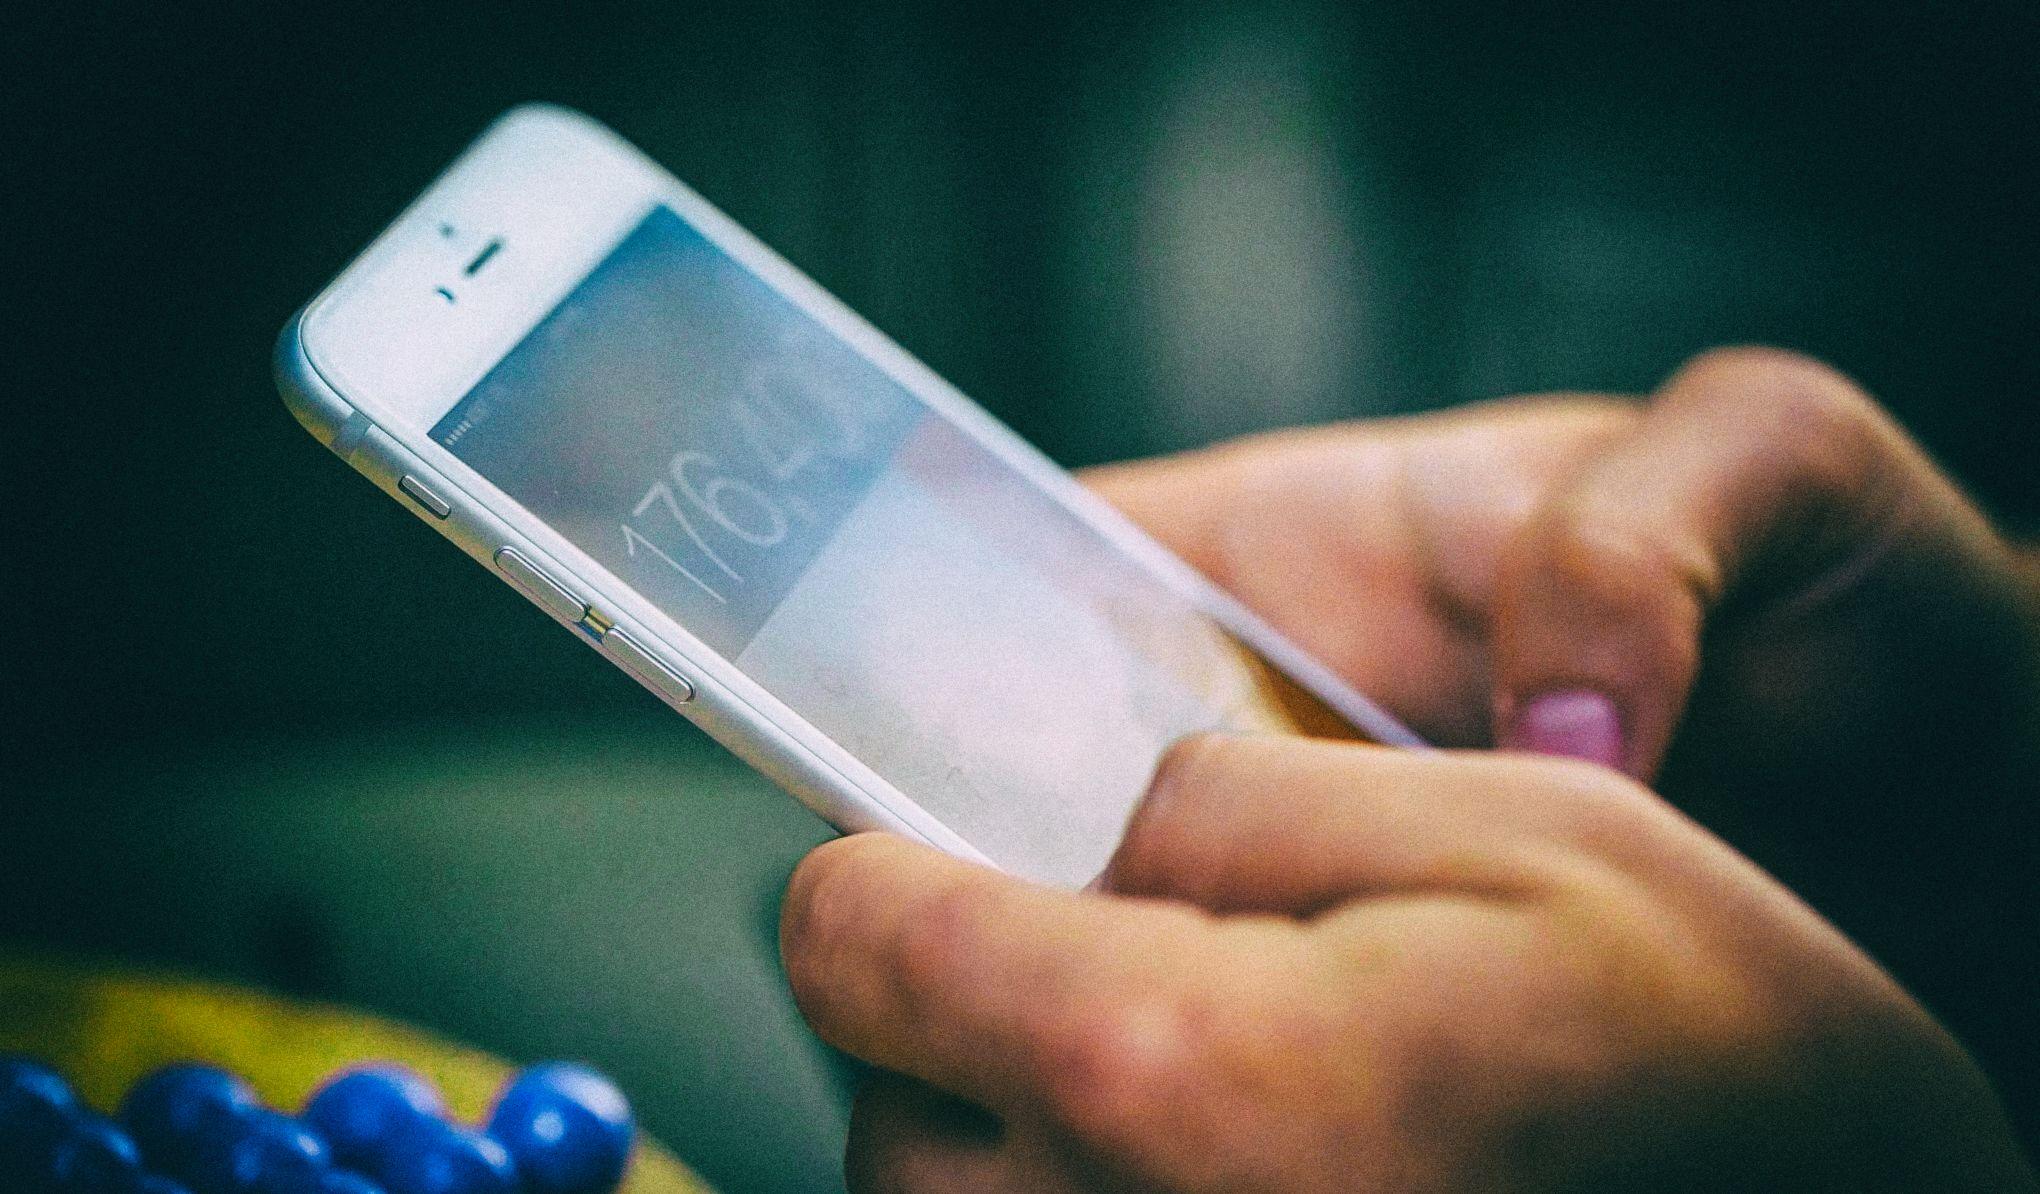 Обновление iOS: 6 новых функций, мешающих трекингу